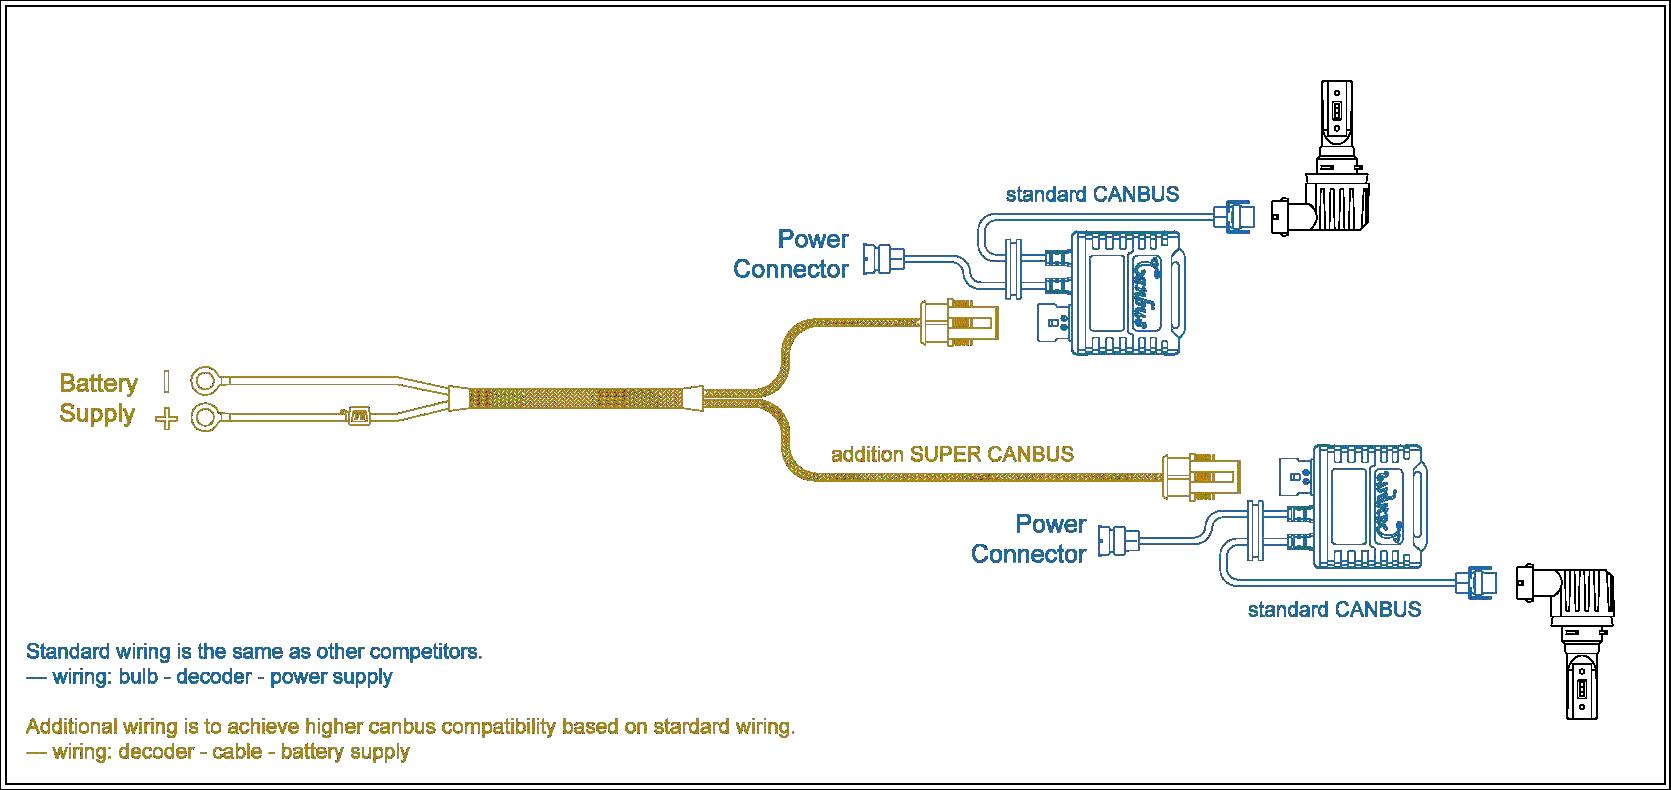 H6054 Headlight Wiring Diagram - Bosch Generator Wiring Schematic   Bege Wiring  Diagram [ 790 x 1671 Pixel ]